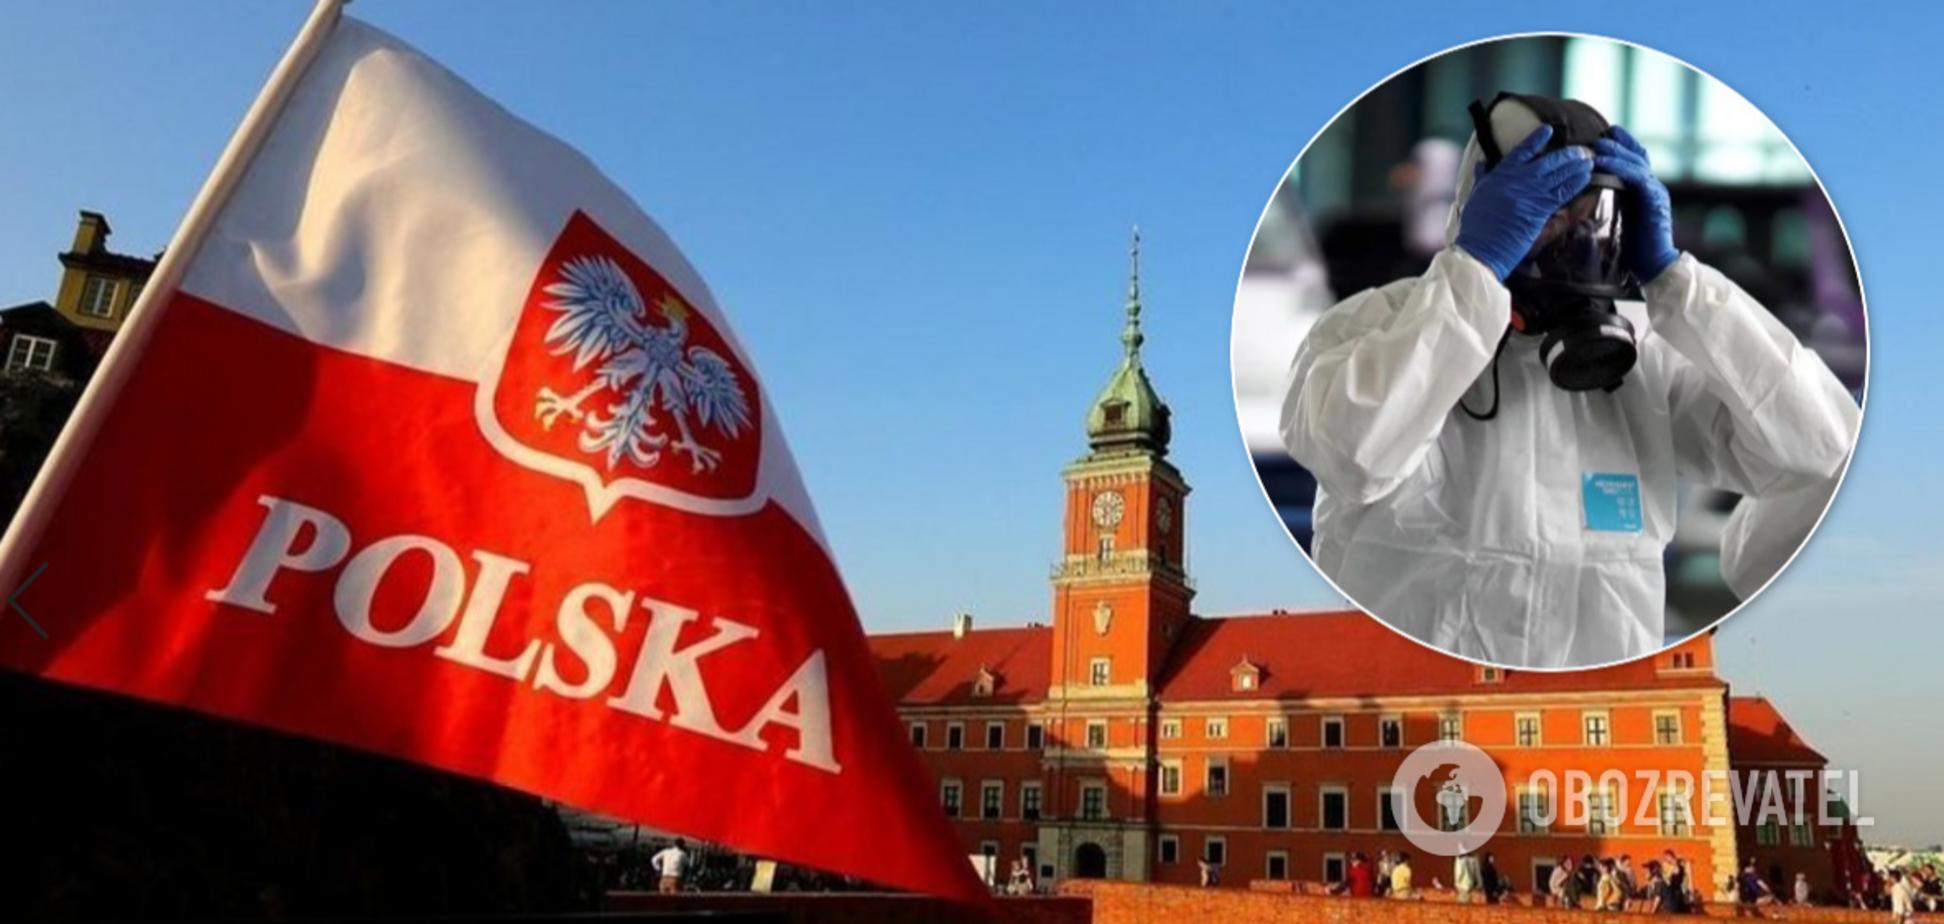 В Польше еще одна смерть от коронавируса: заробитчане рванули домой